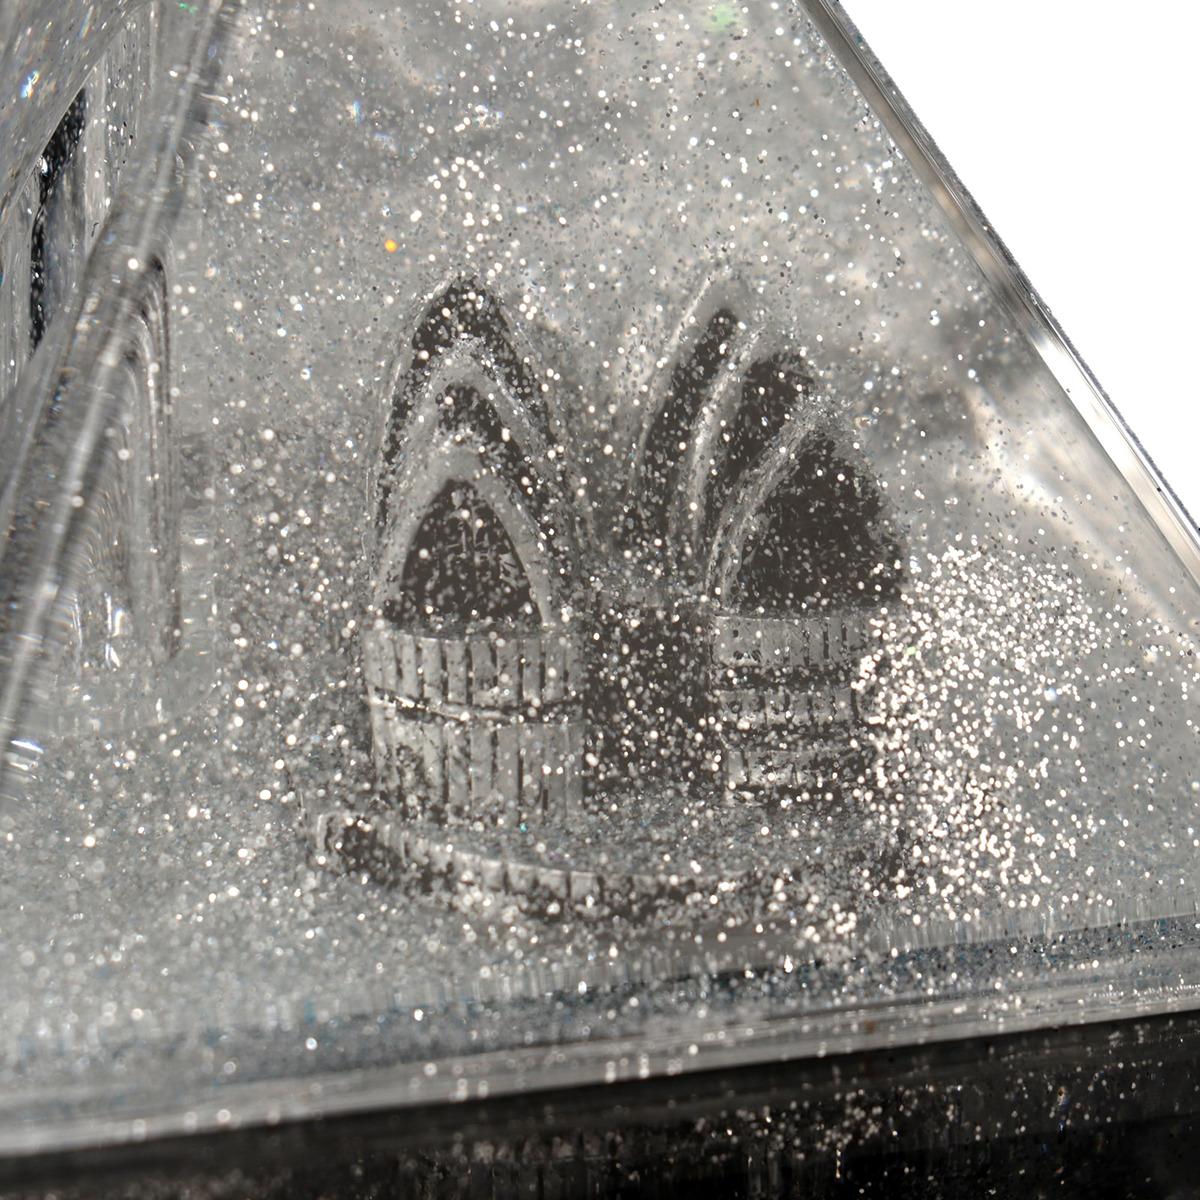 Подставка для канцелярских принадлежностей Опера, настольная, 3527053, прозрачный, 8 х 8 х 8 см Хуанганг Джиаши Текстайл Импортс Энд Экспортс Ко., Лтд